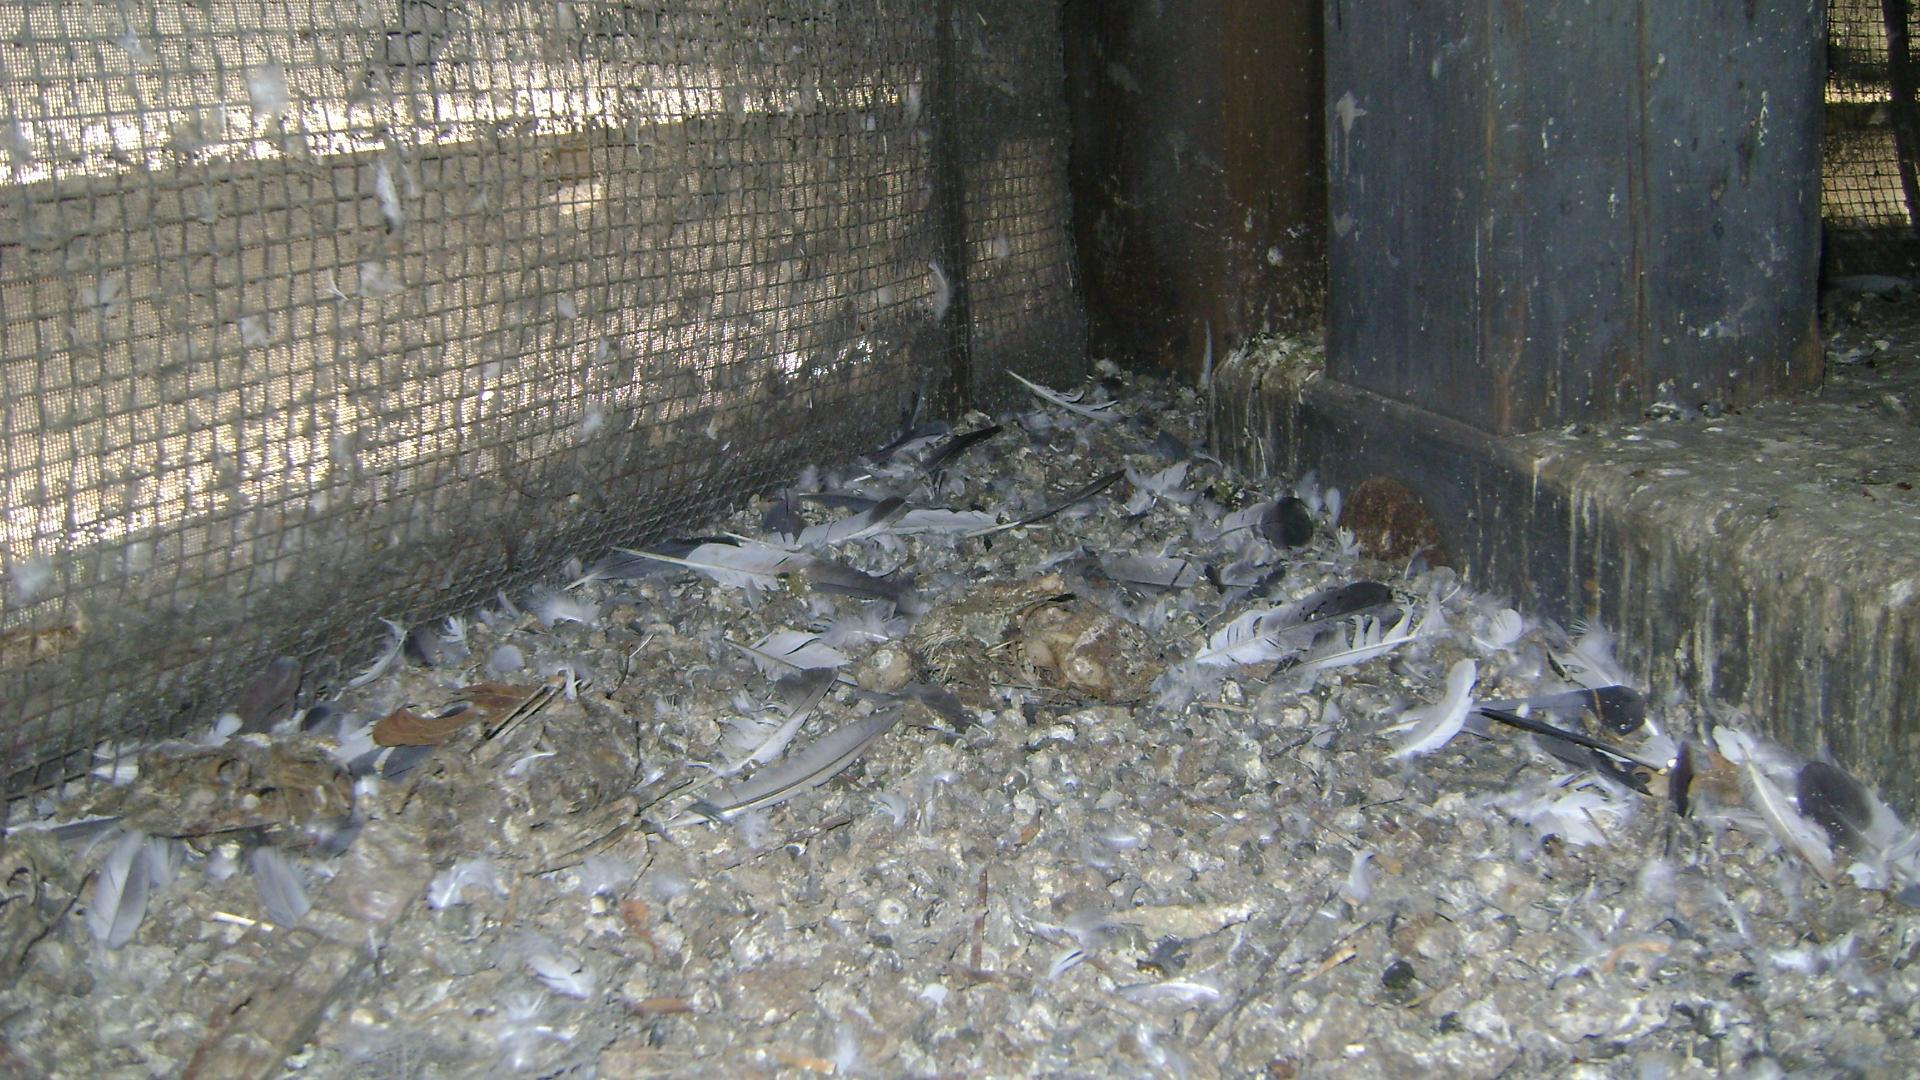 Paramount Exterminatingbird Control Paramount Exterminating